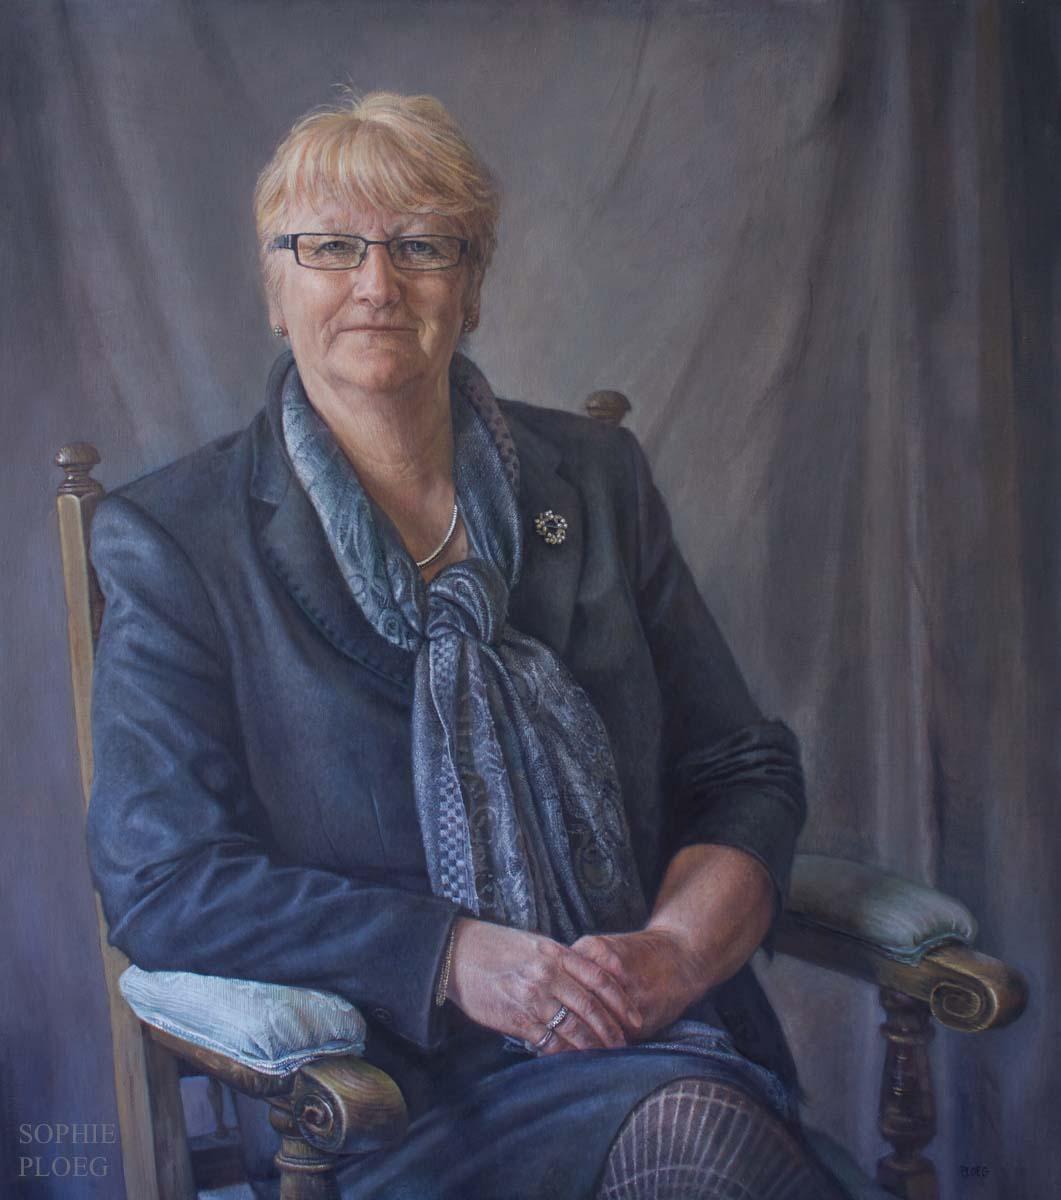 Sophie Ploeg, Mrs Margie Burnet Ward, oil on linen, 86x76cm. Commissioned.